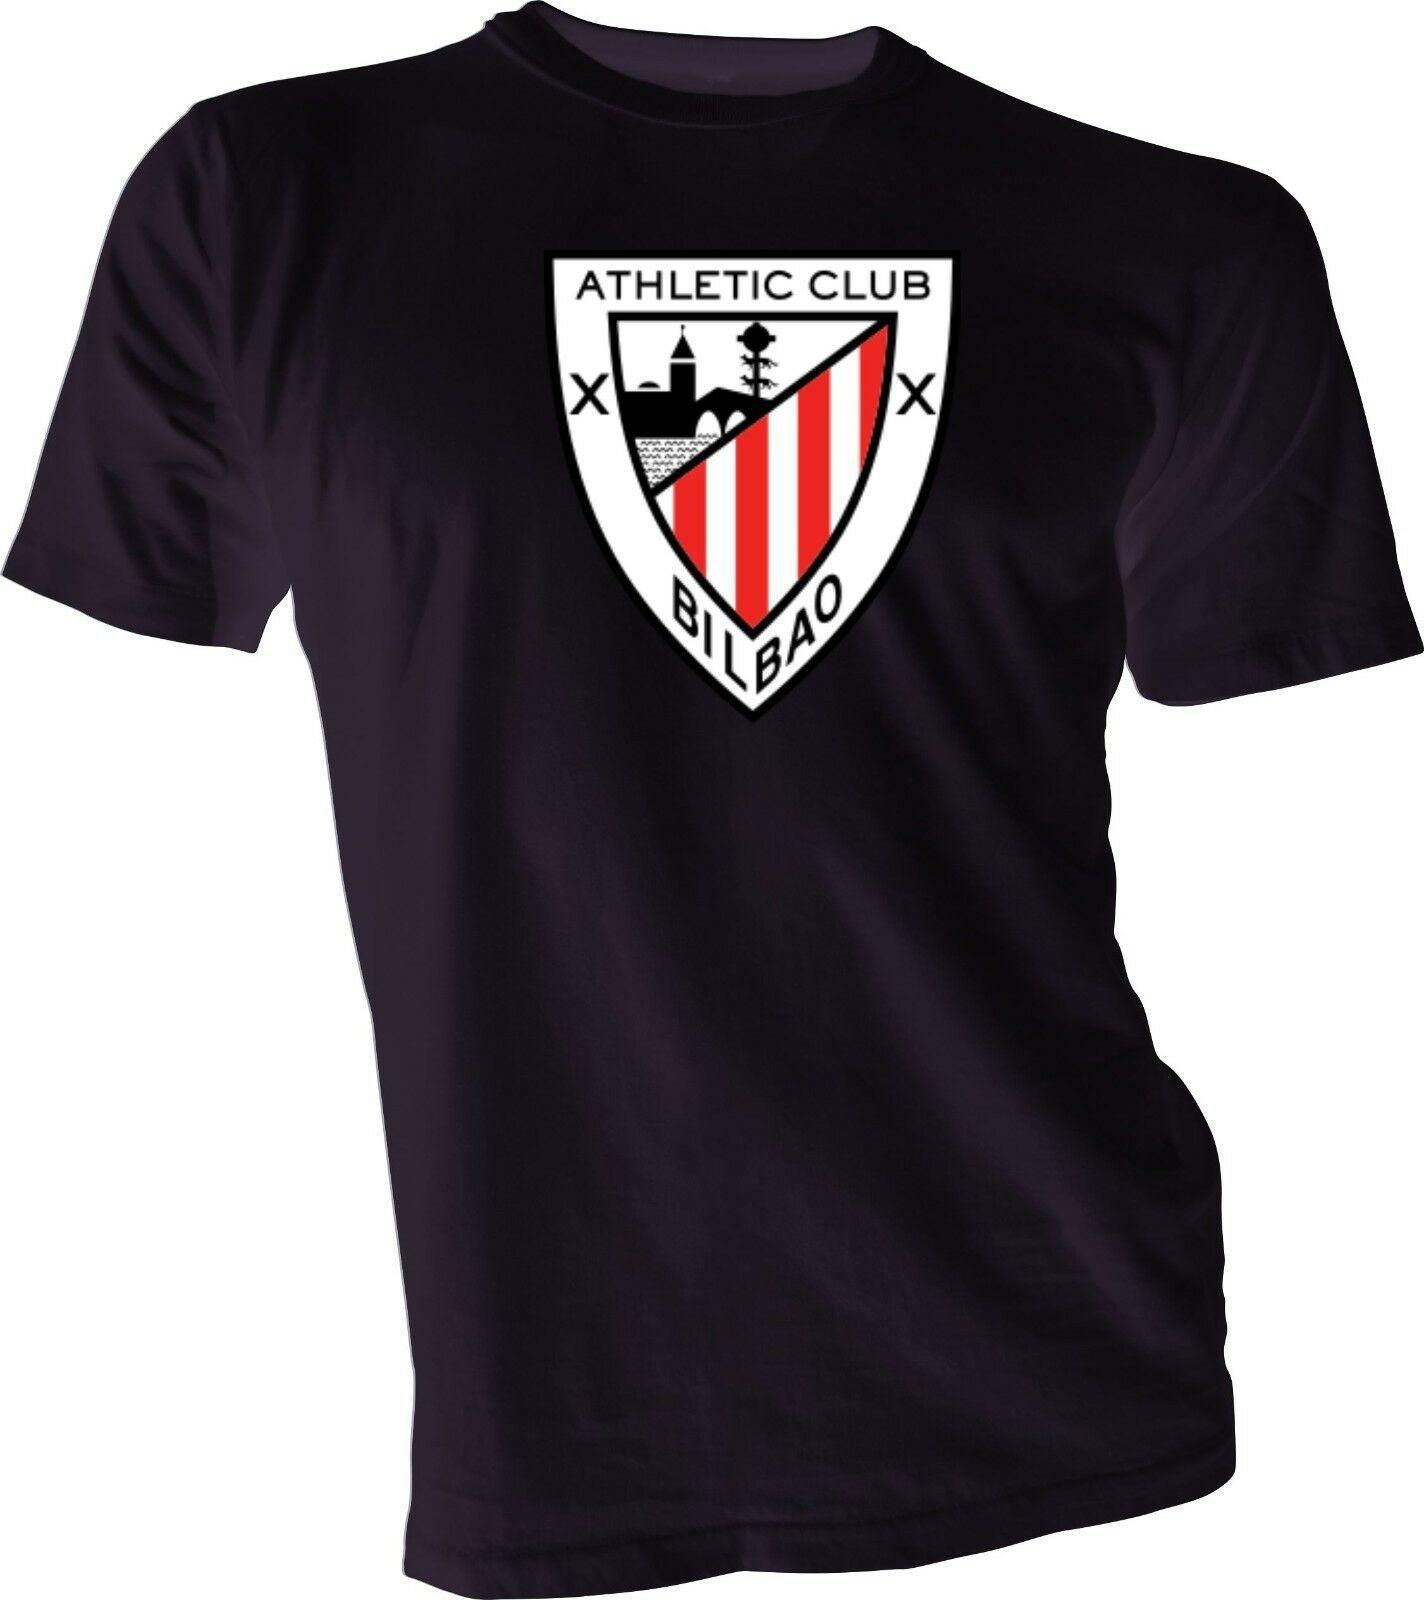 Athletic Club Bilbao Los Leones Spagna La Liga Calcio maglietta nera NUOVO